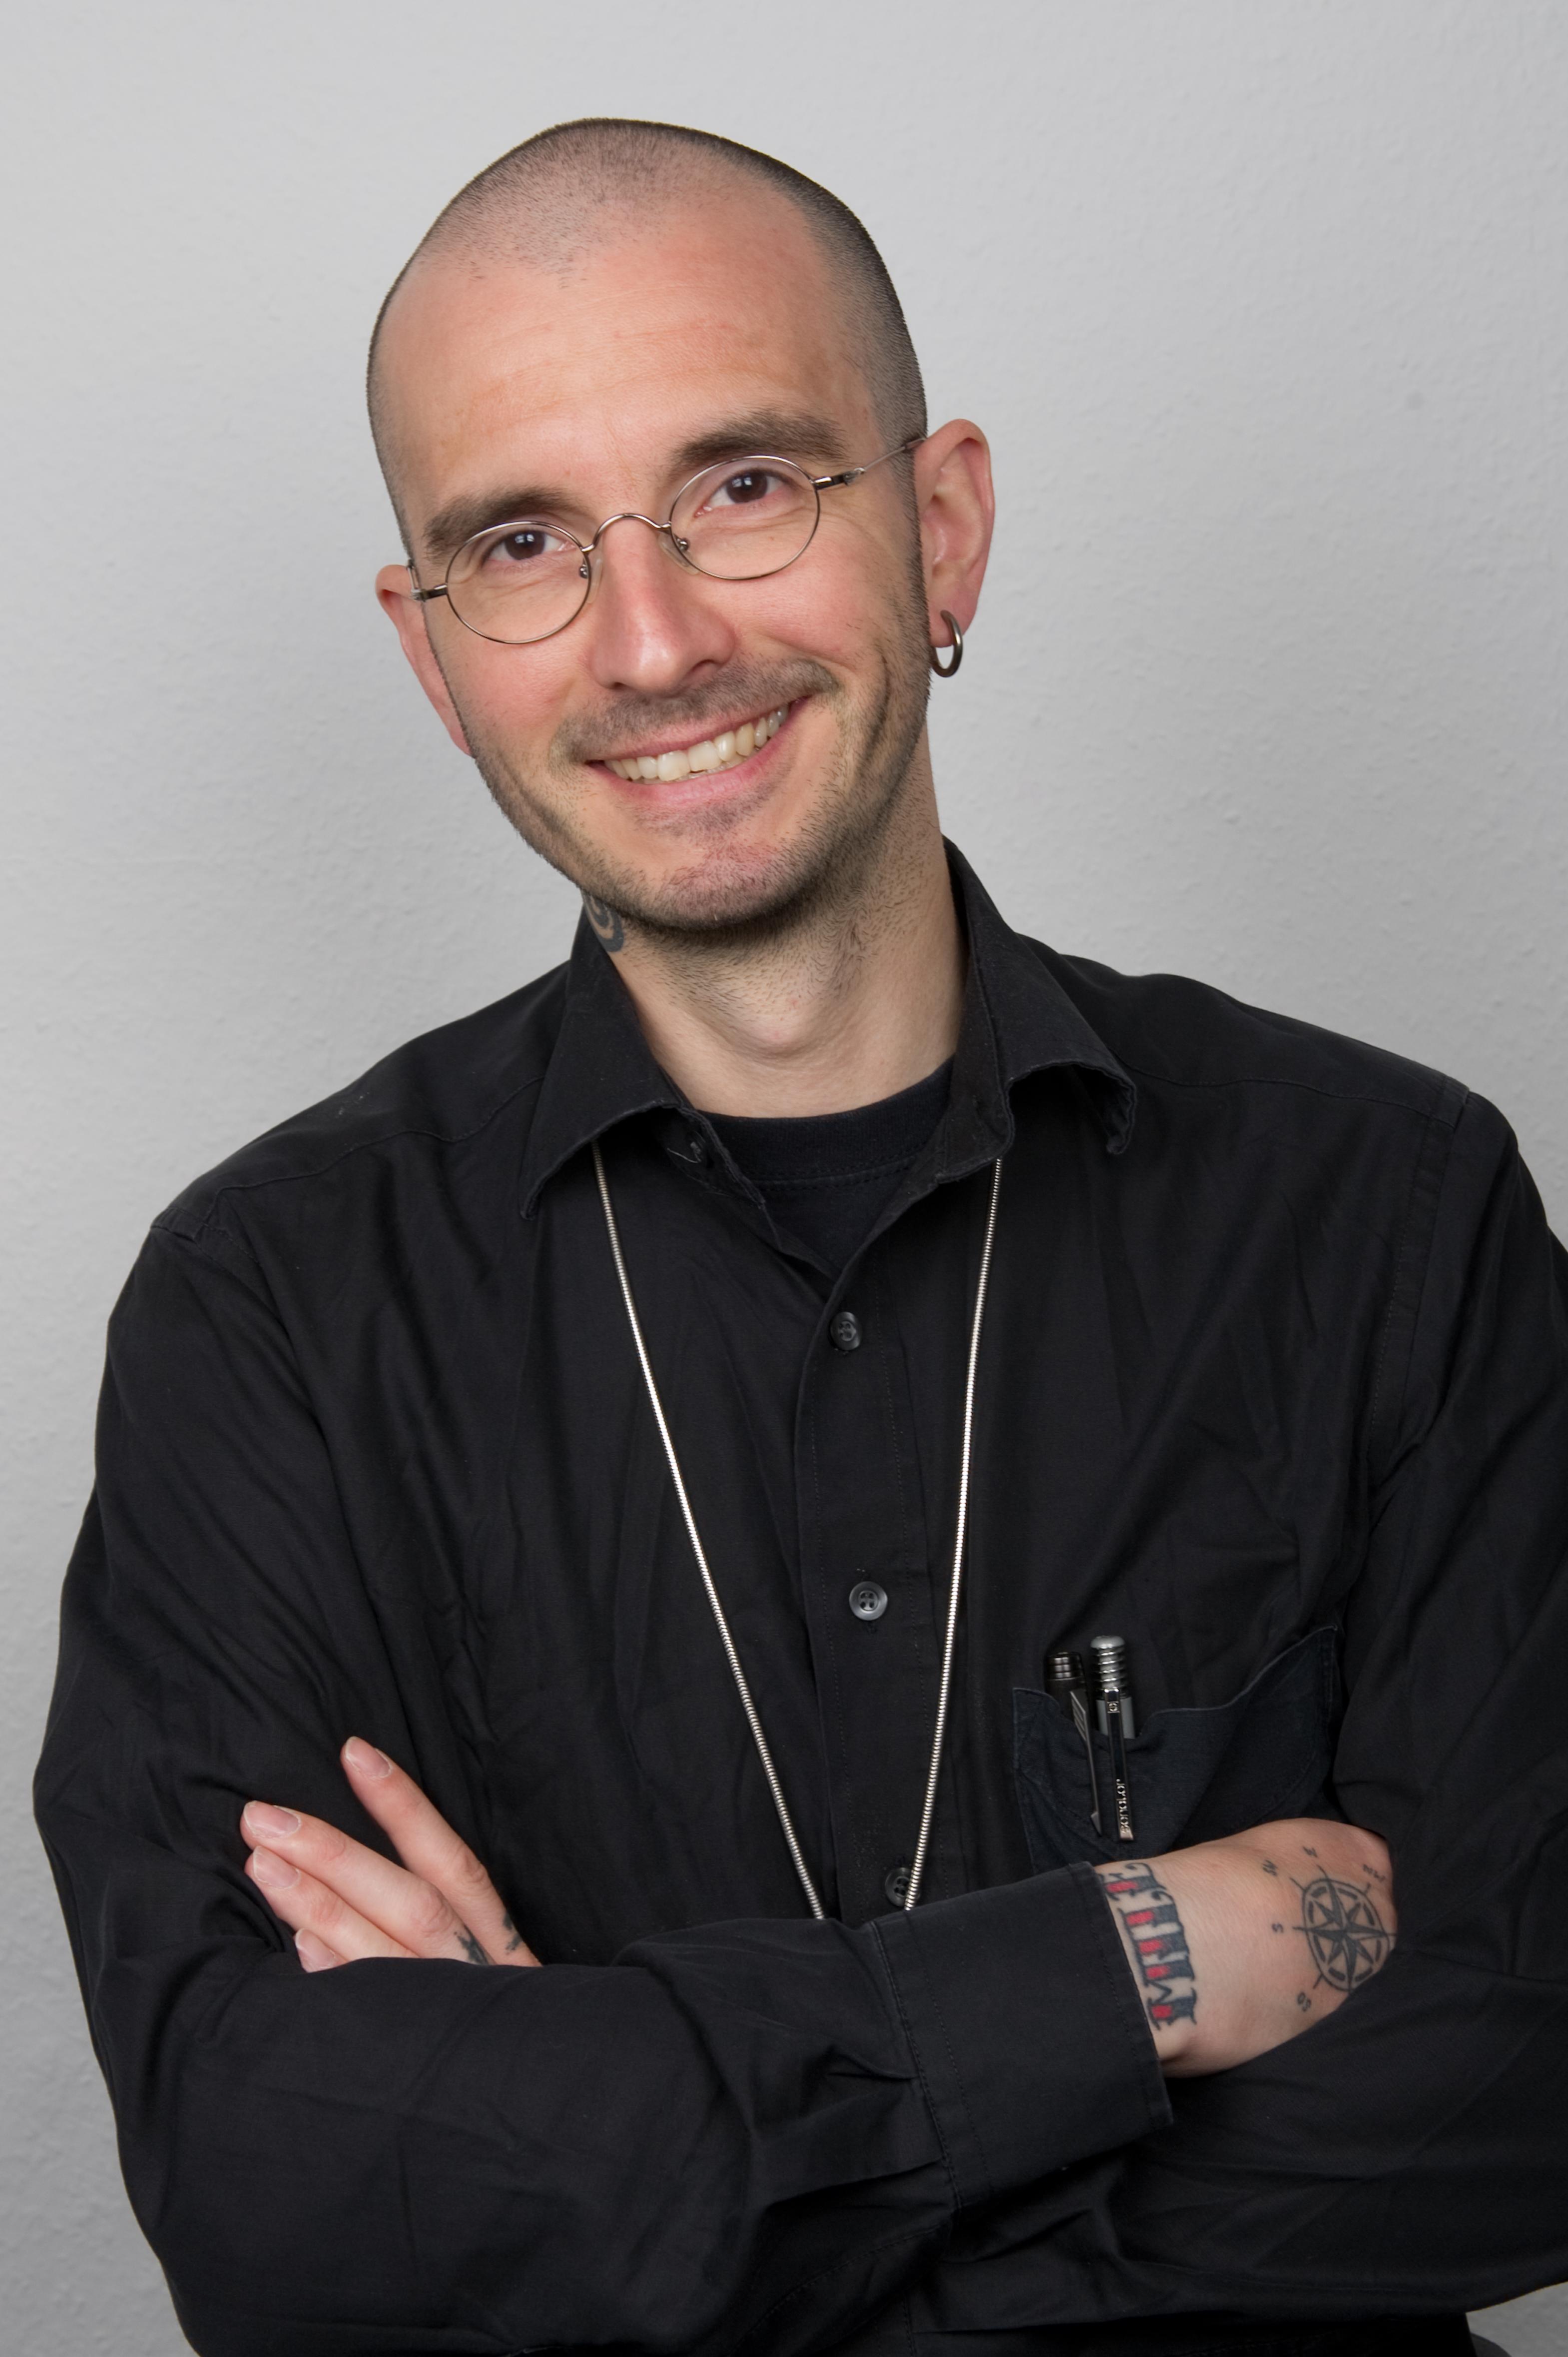 Dr Benecke